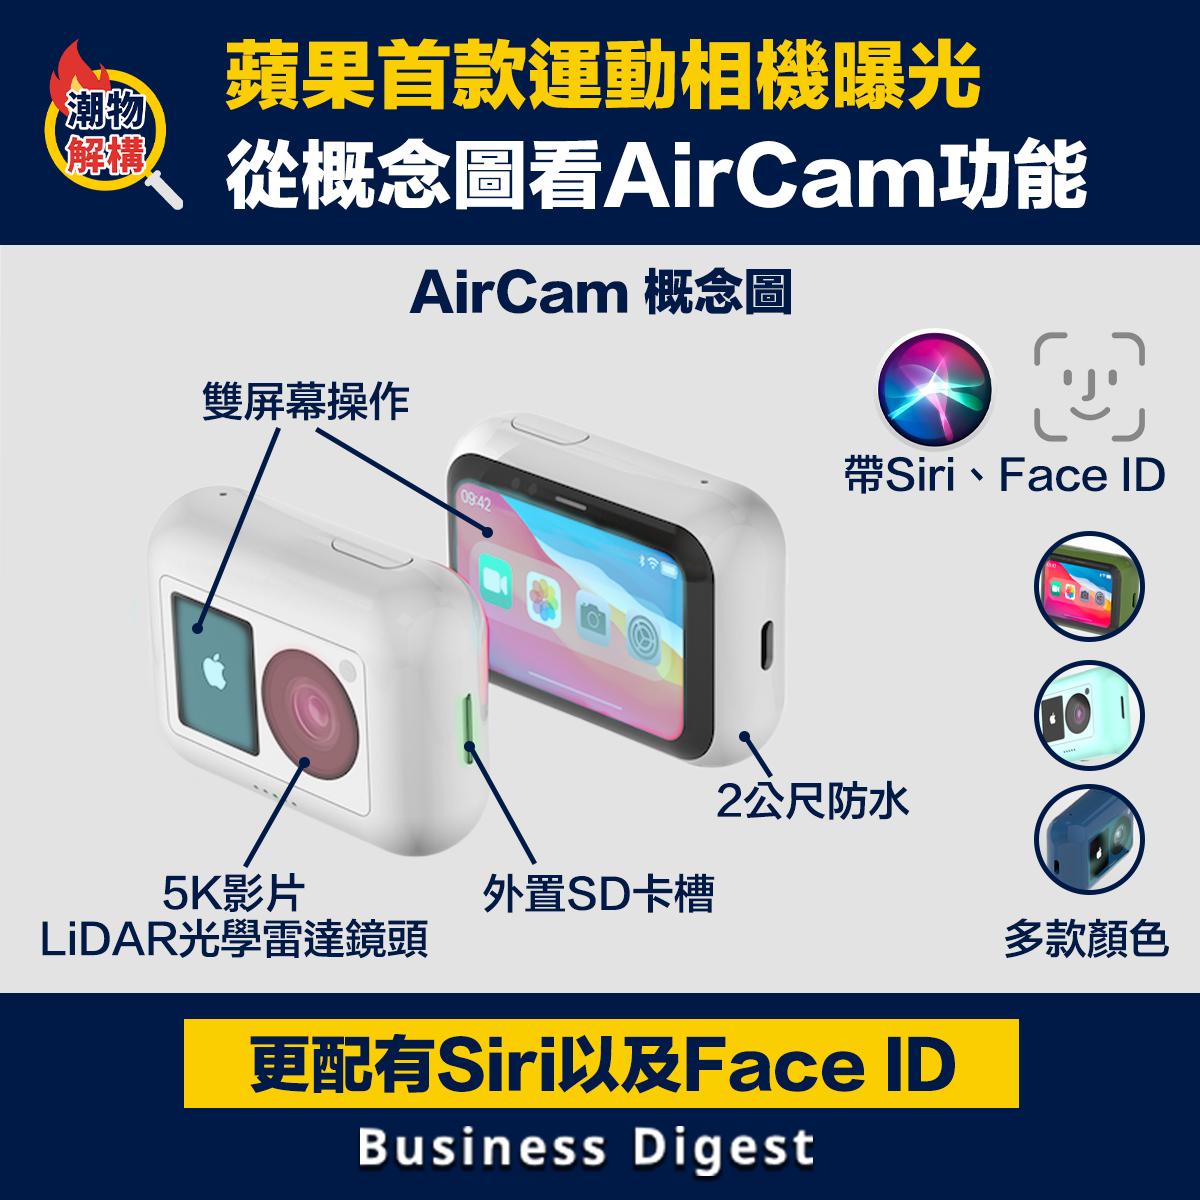 蘋果首款運動相機曝光,從概念圖看AirCam功能